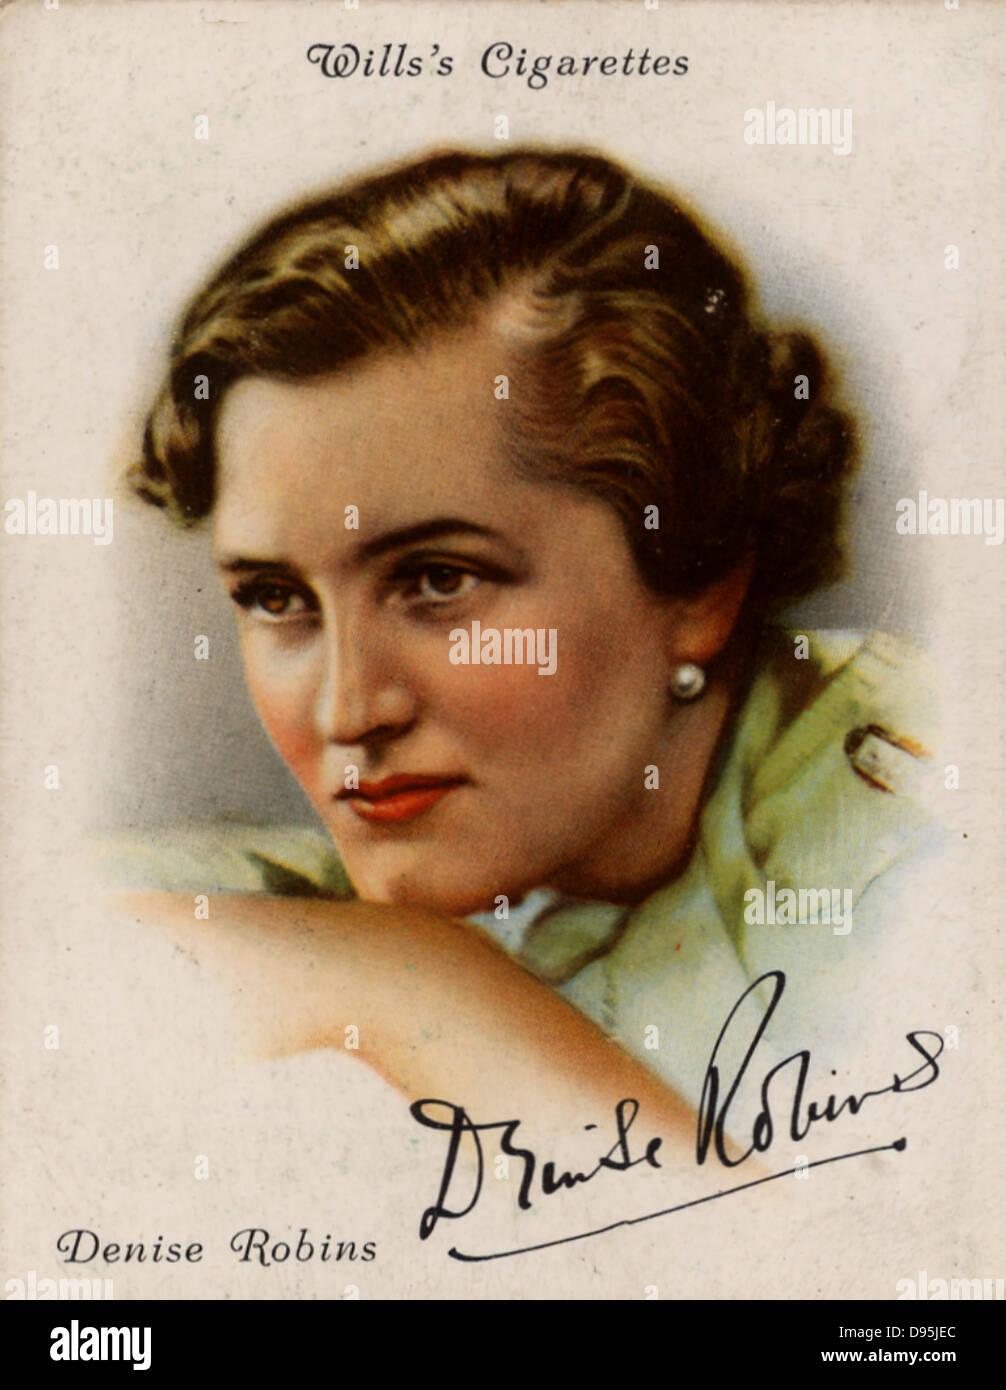 Denise Robins (1897-1985) britische populäre Schriftsteller, Dramatiker und Kurzgeschichte Schriftsteller. Stockbild